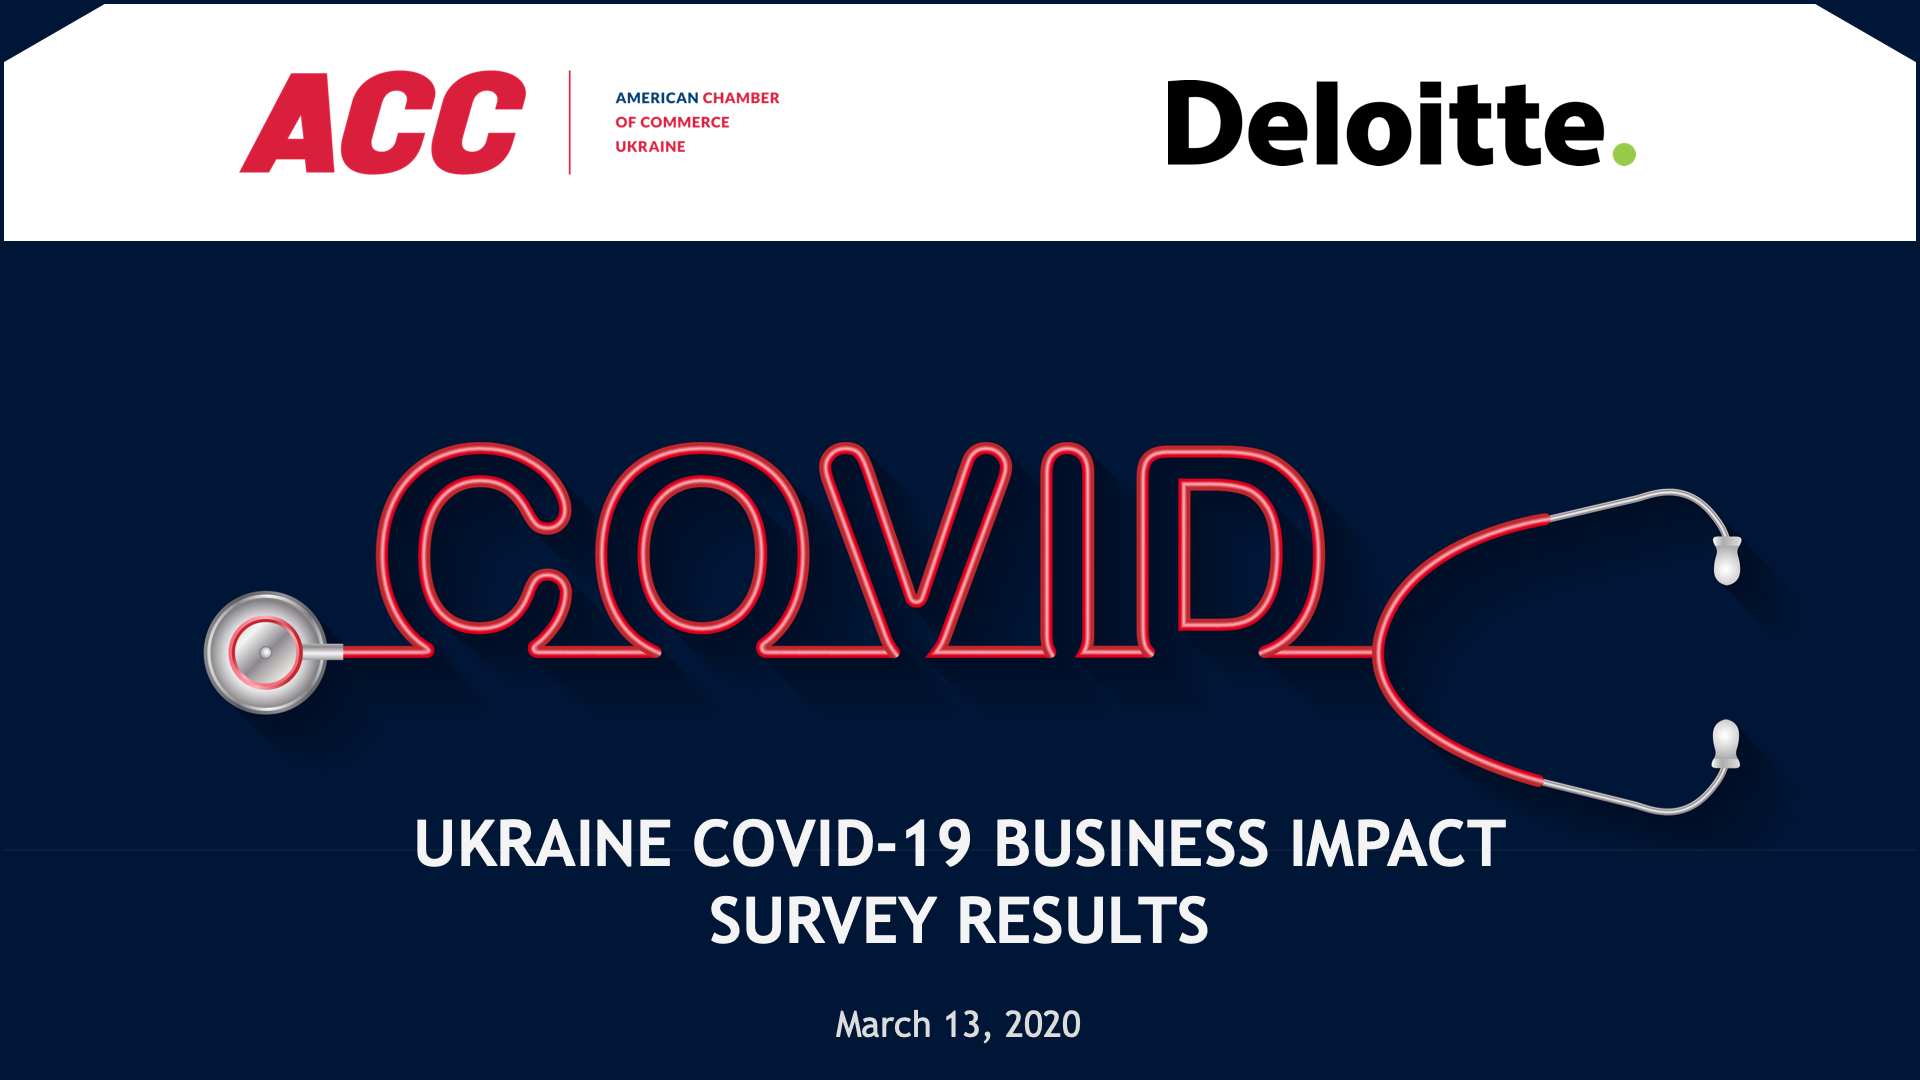 Бізнес готується до зменшення обсягів продажів та грошового потоку в зв'язку з пандемією COVID-19 – дослідження Американської торговельної палати в Україні та «Делойт» в Україні